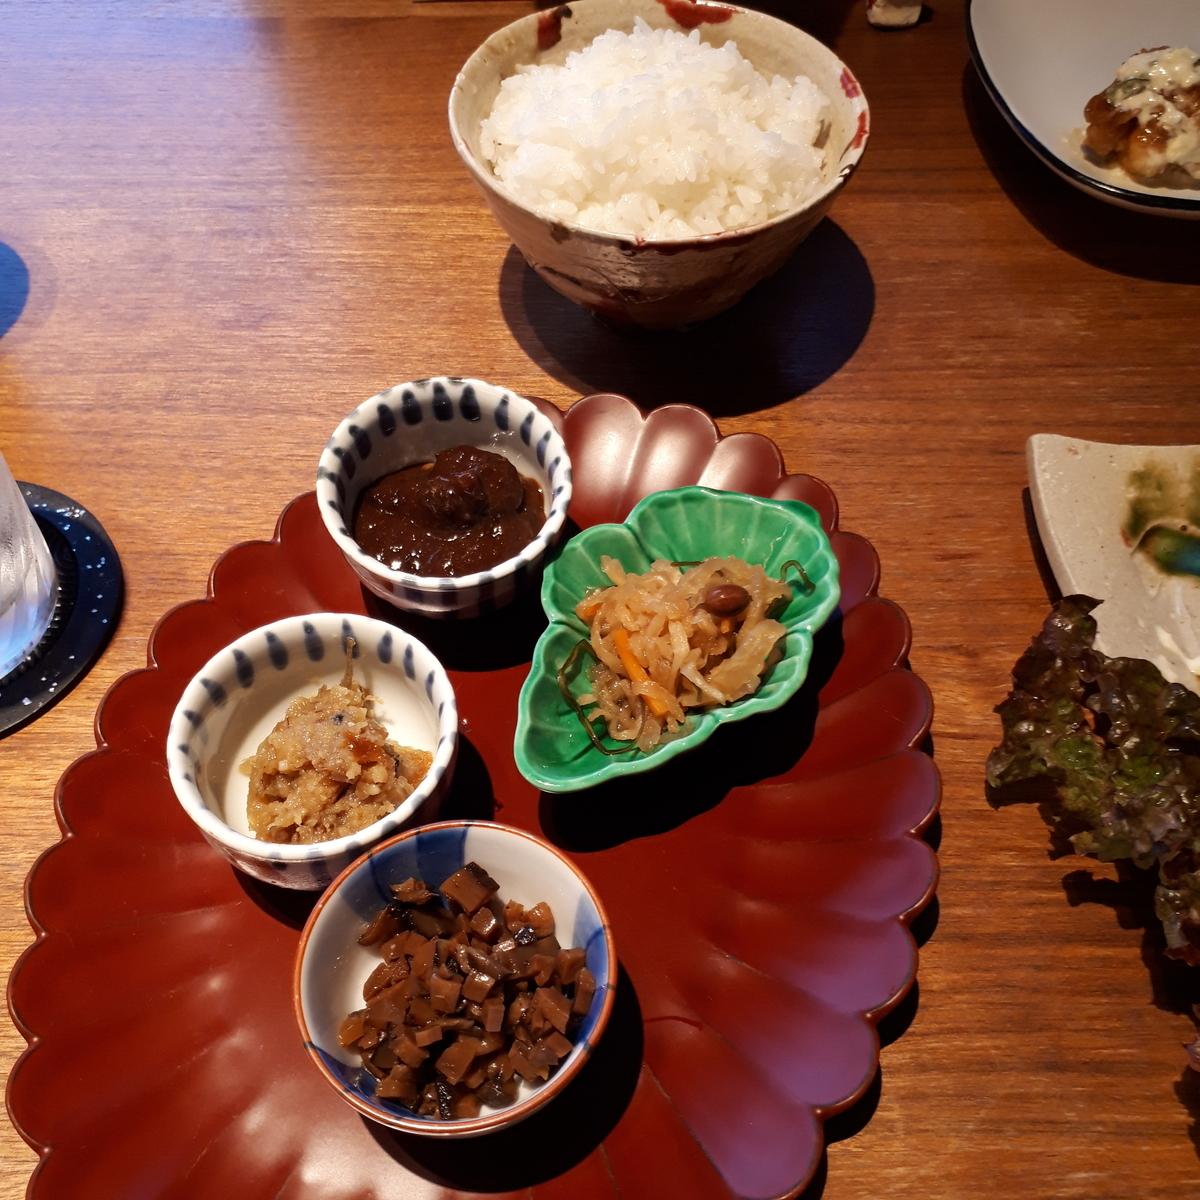 シェラトングランデオーシャンリゾート 米九 ご飯の「あて」三種盛り 柚子みそ 千切り大根まだか漬け どんこ椎茸と筍の山椒煮 油みそ